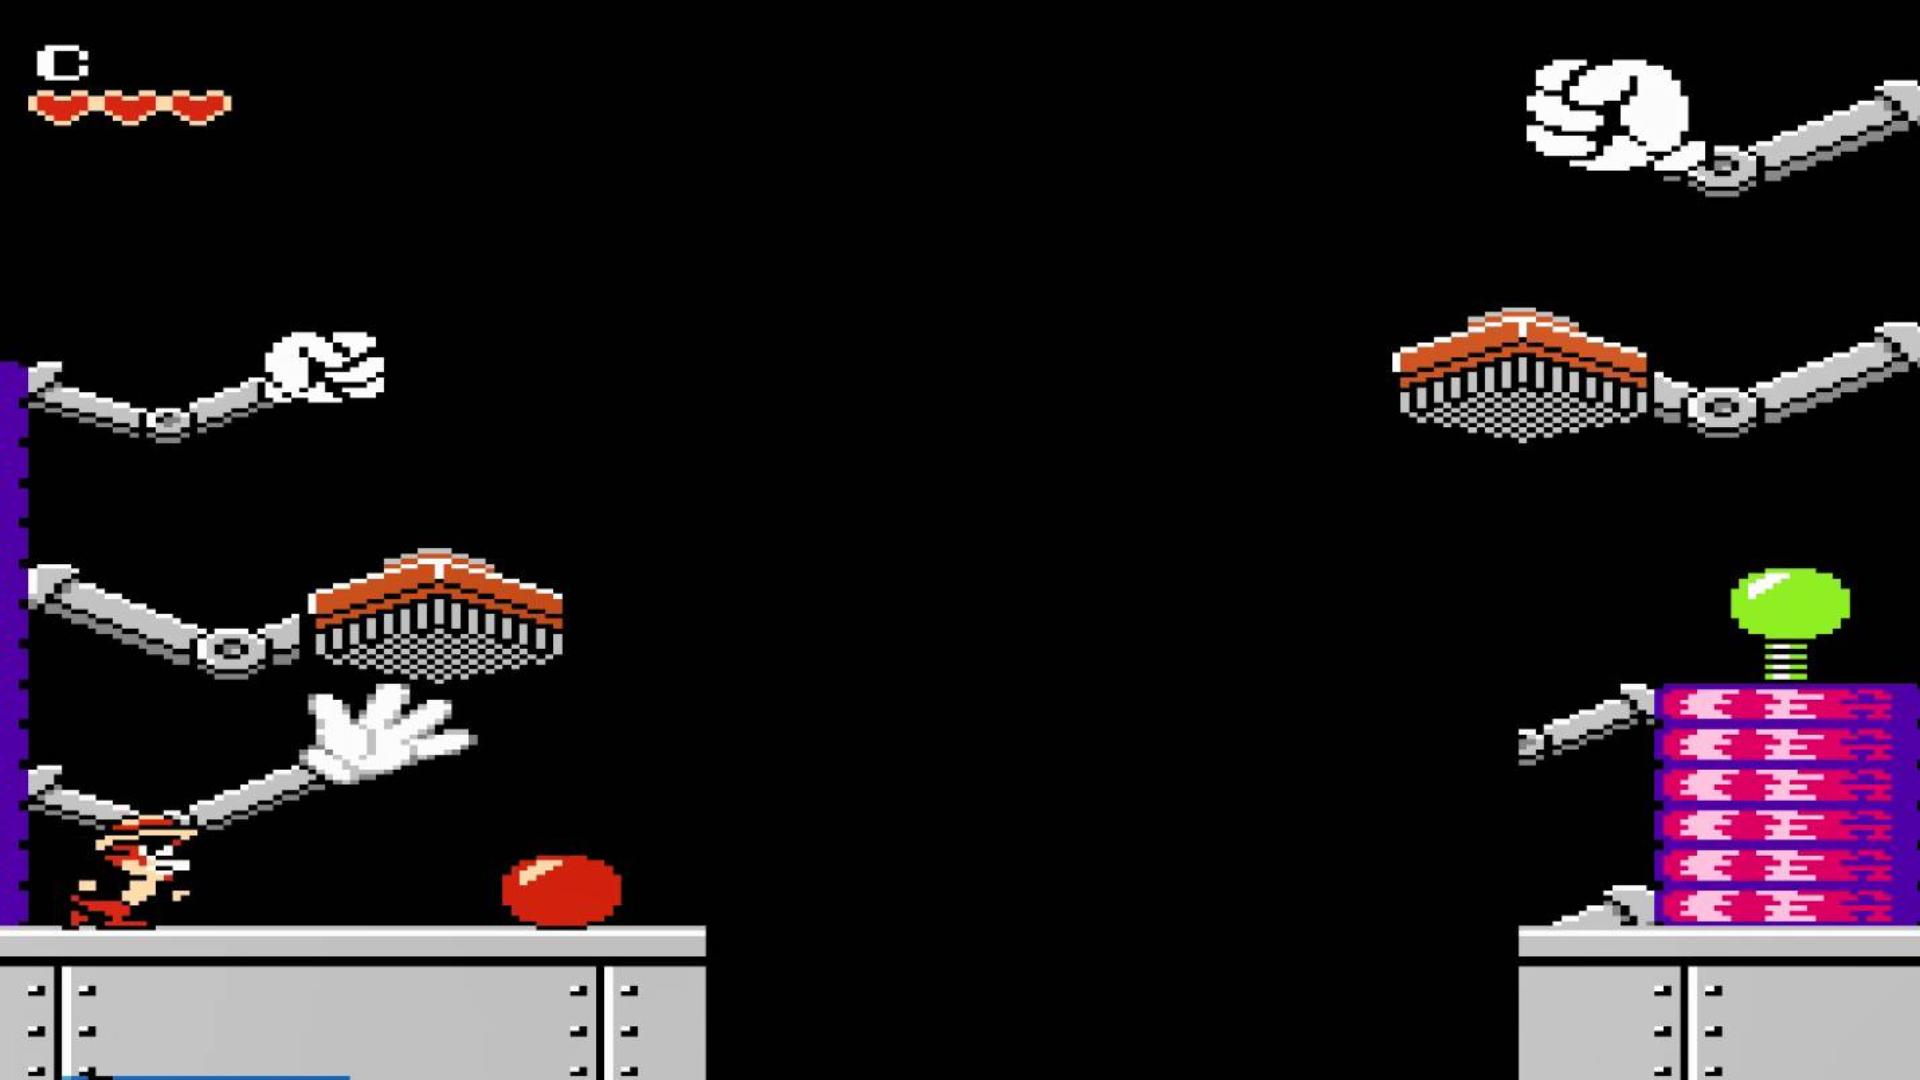 【TAP】游聚补完之FC松鼠大战1代多兵版通关流程视频